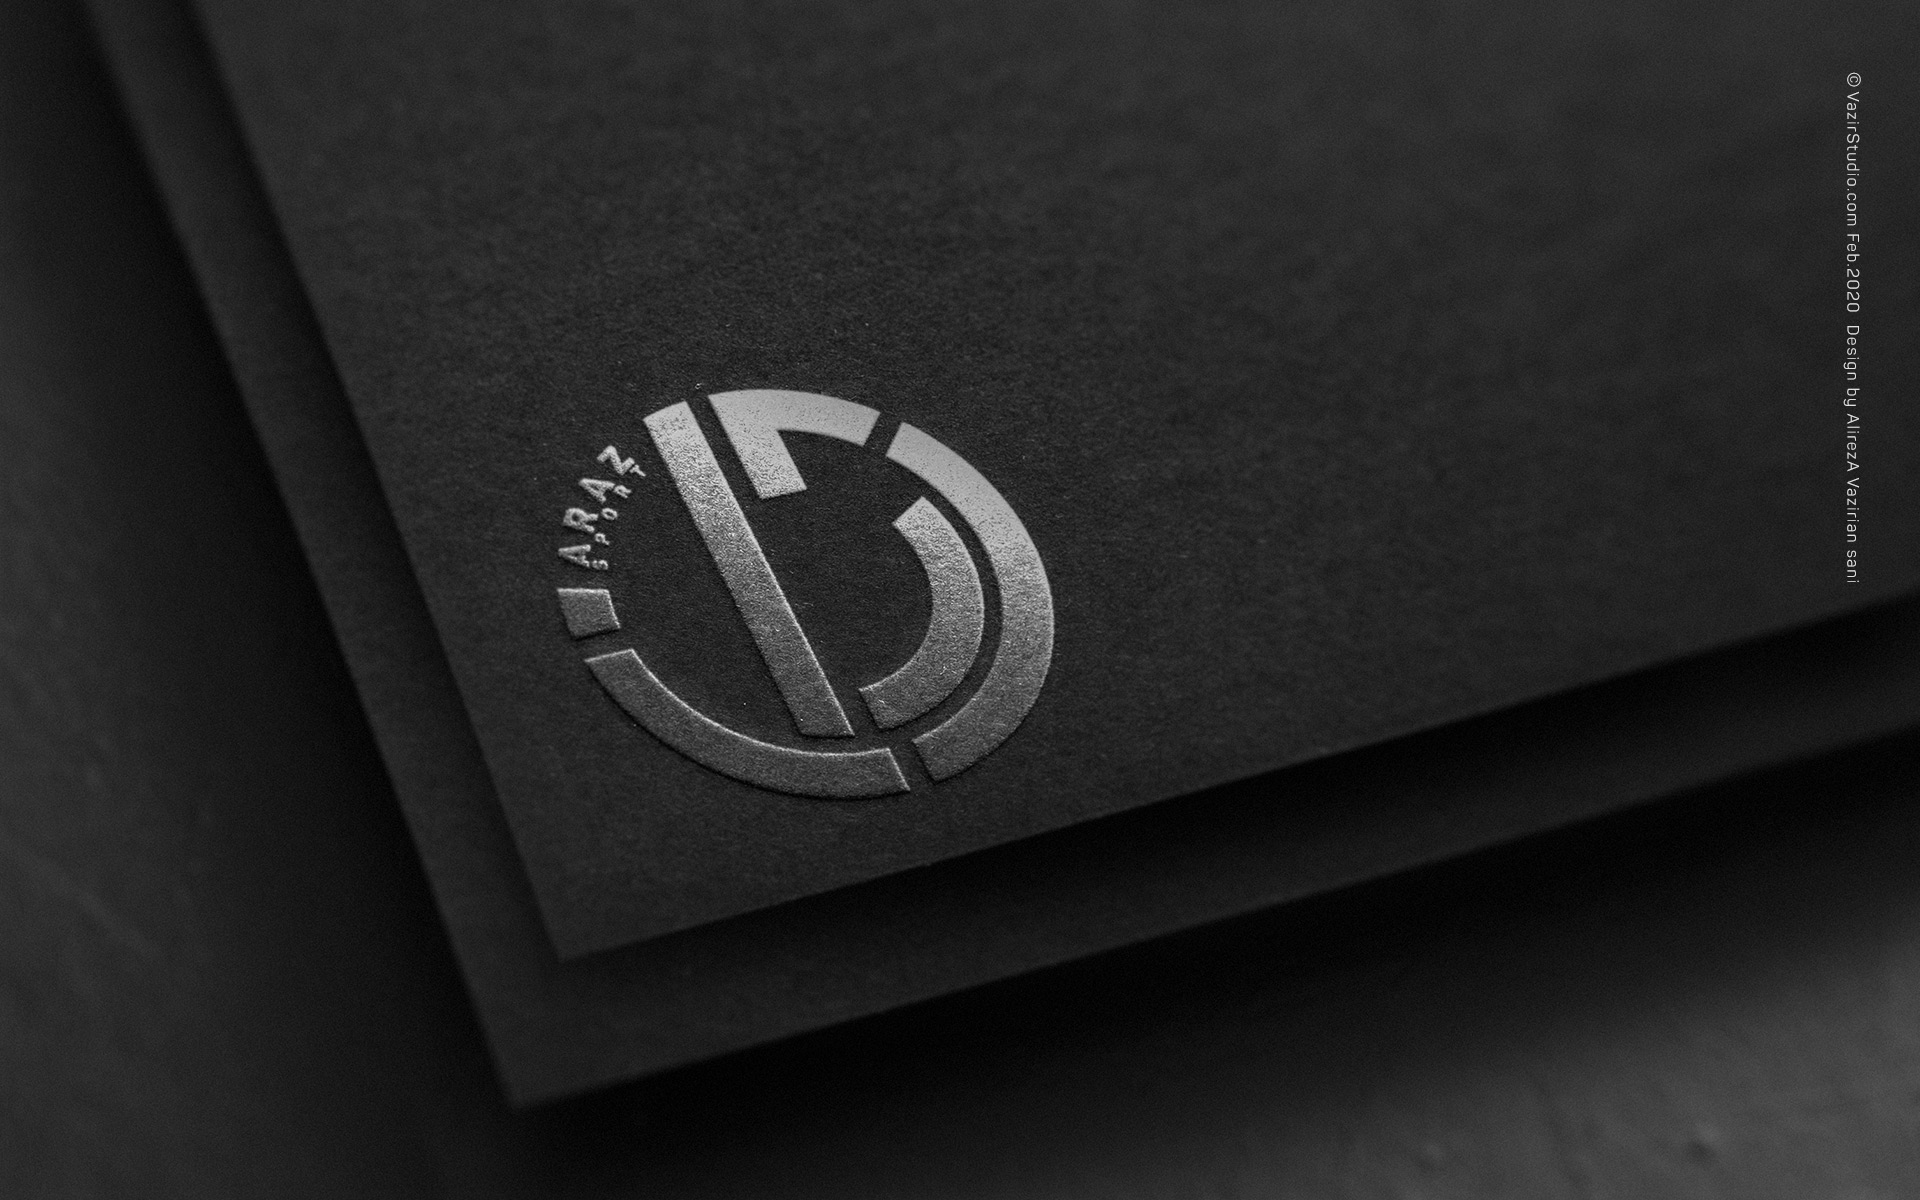 Araz sport logo design portfolio by vazirstudio.com Feb 2020